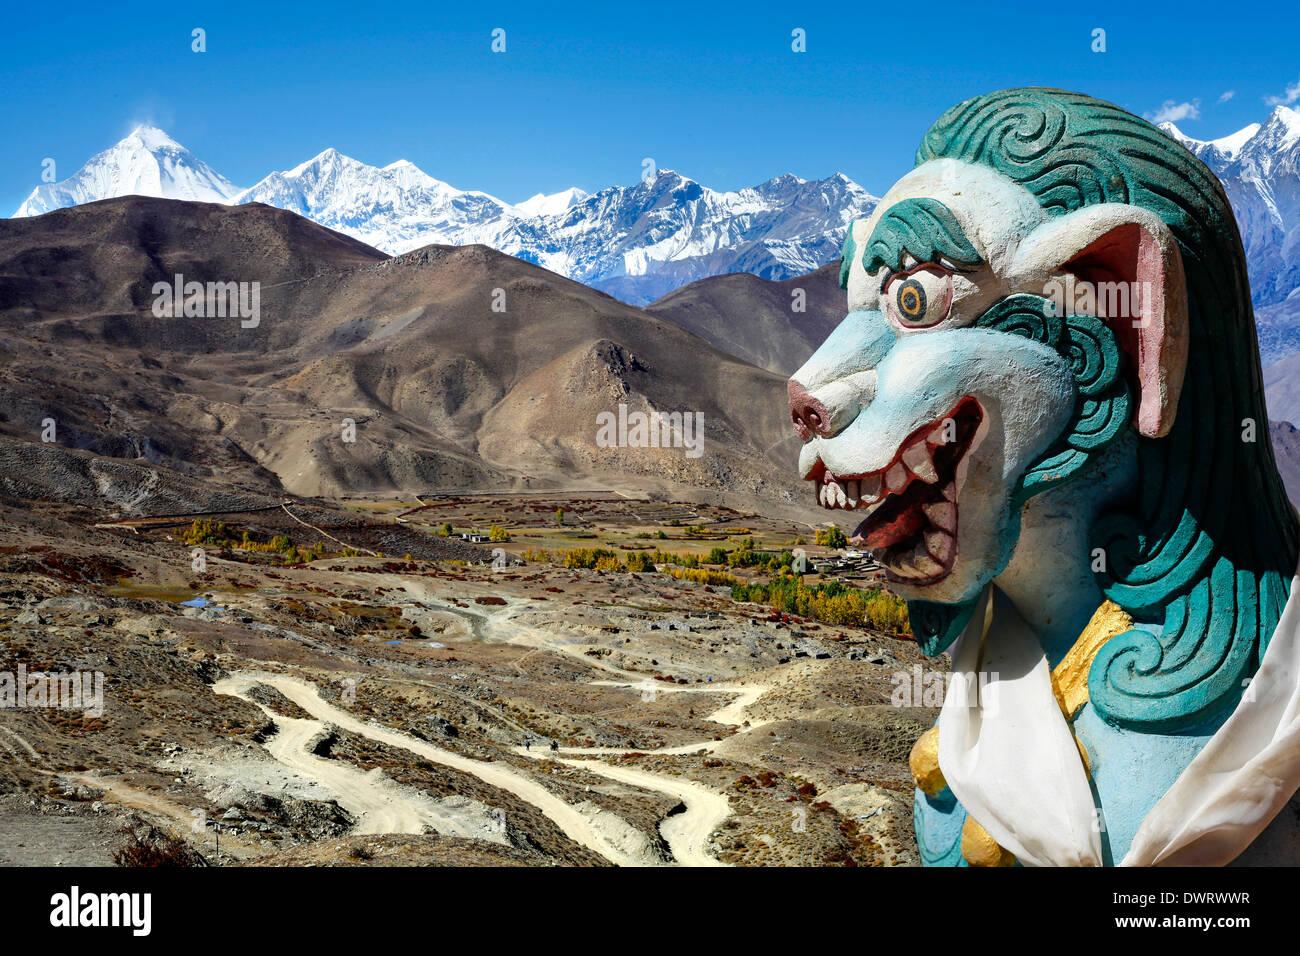 Antica scultura di Lion in Himalaya montagne del Nepal. Immagini Stock